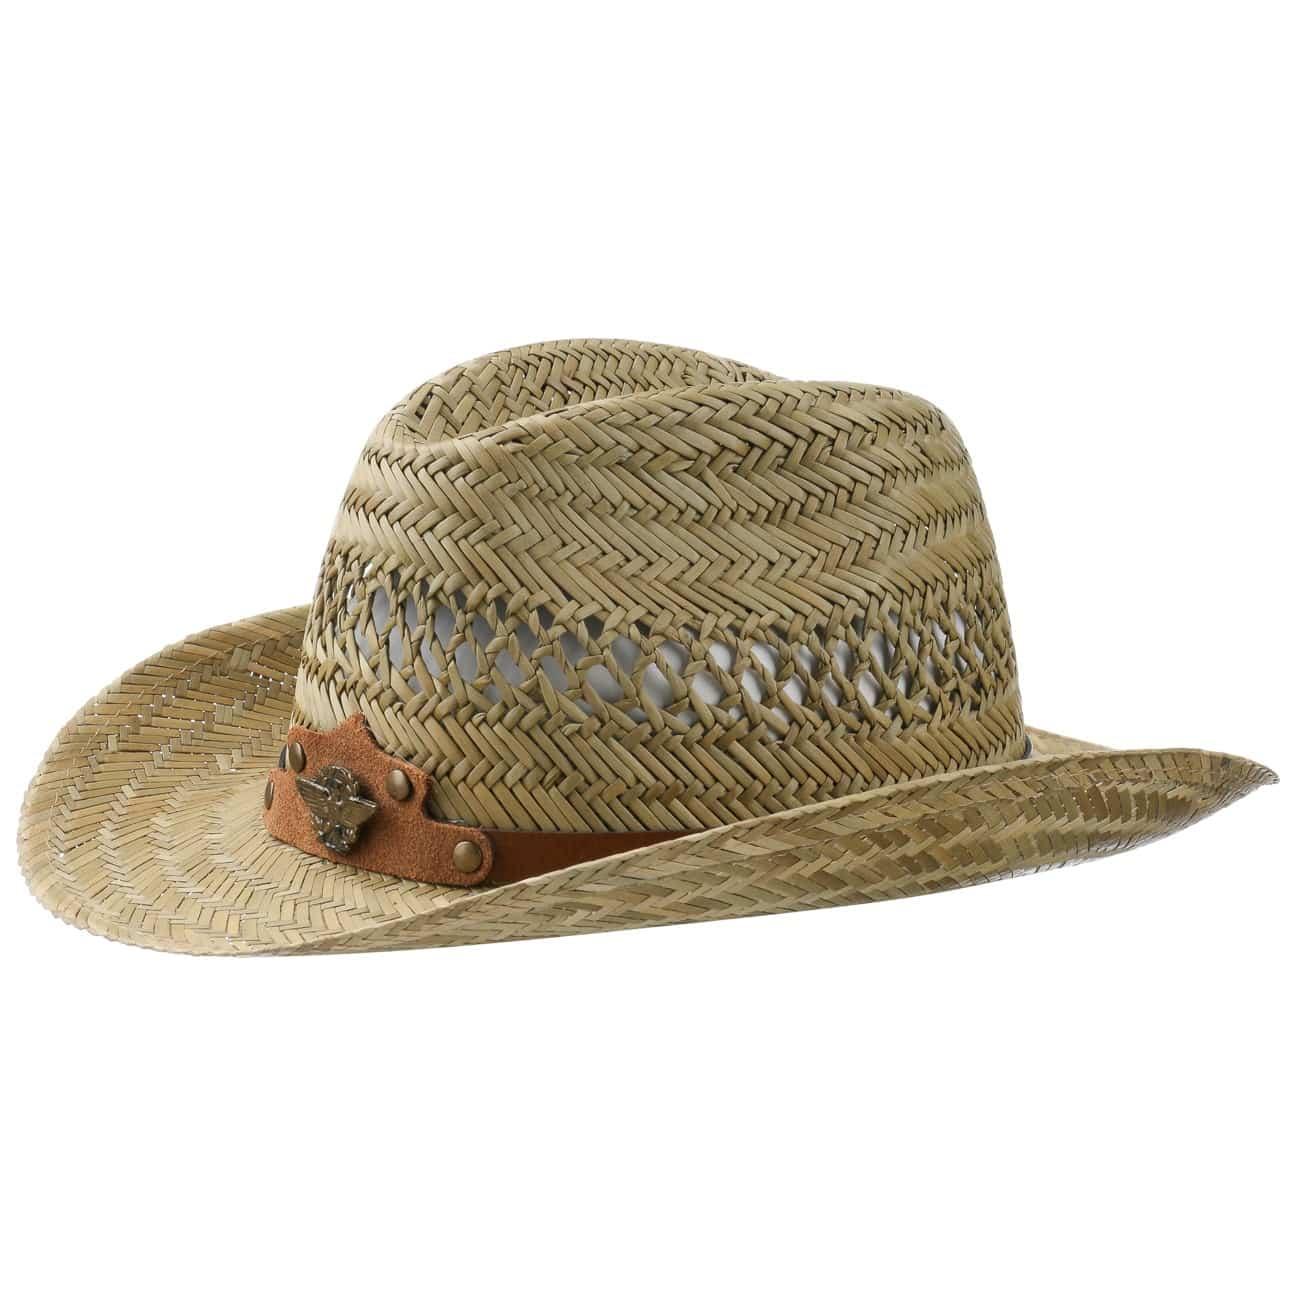 Sombrero Cowboy de Niño Gaucho - Sombreros - sombreroshop.es c01e19d437b